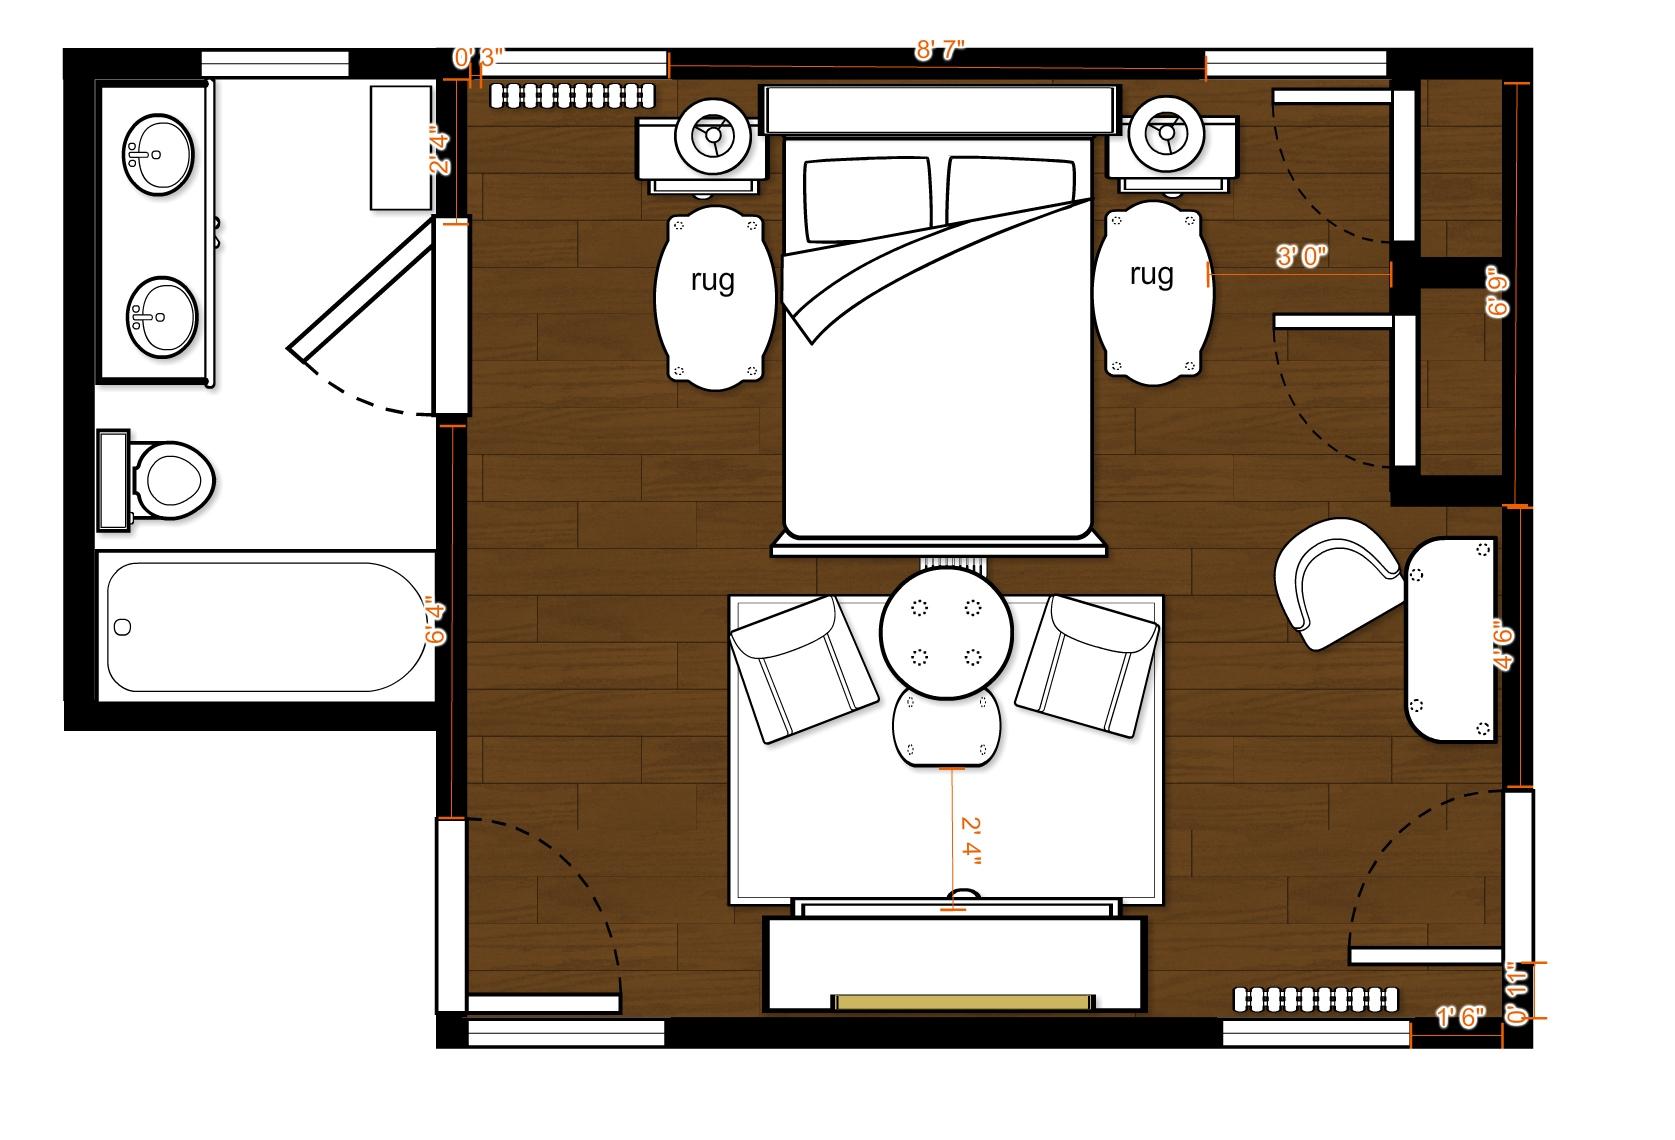 2016 bucks county designer house garden bedroom the for Floor plan holder